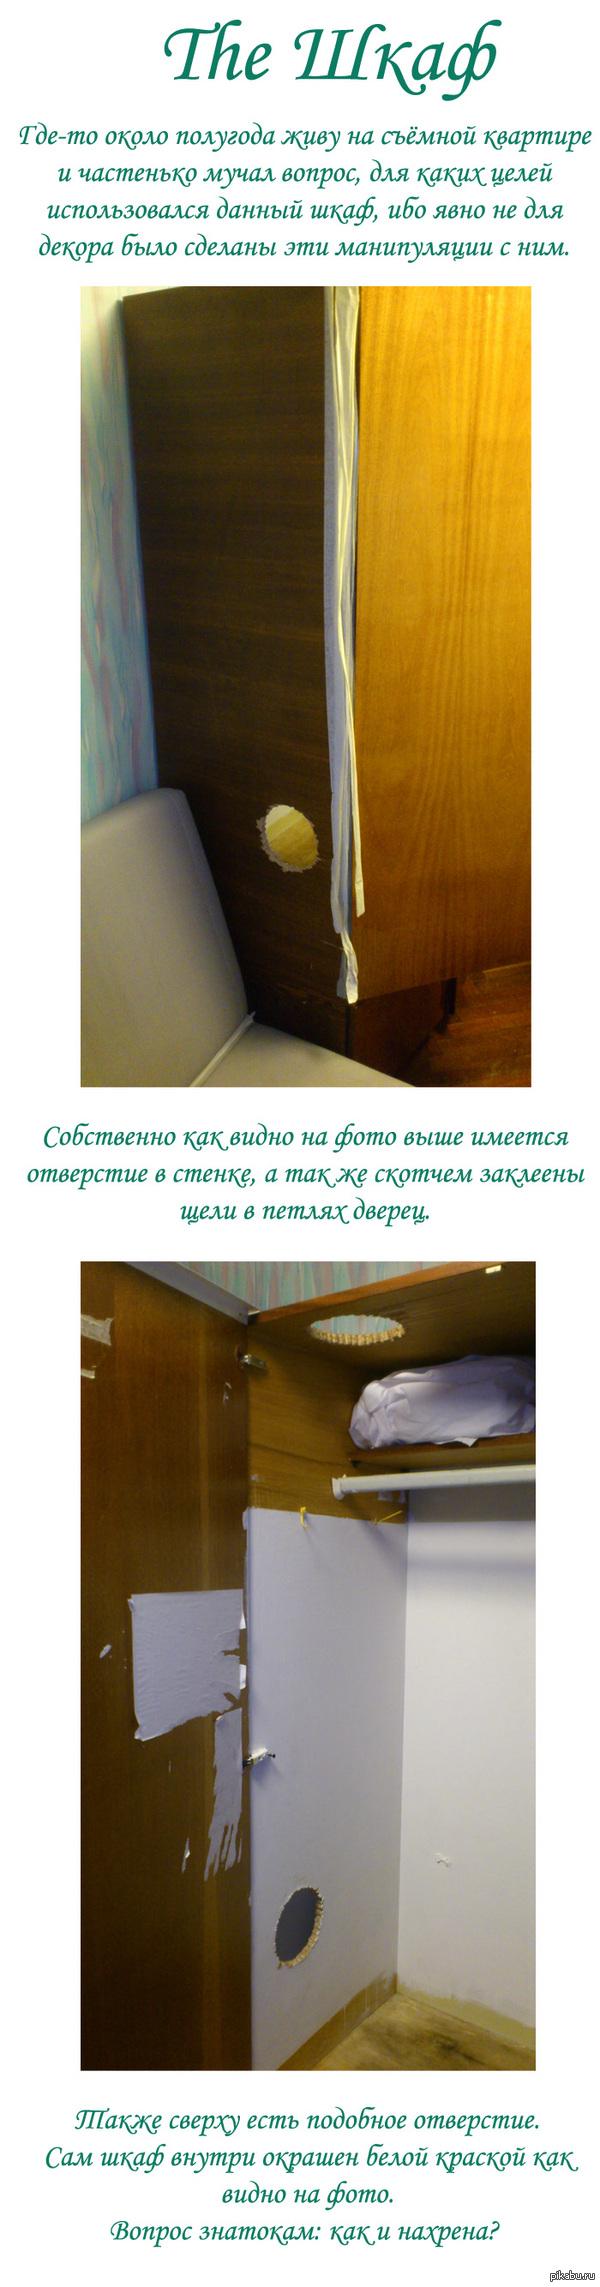 The Шкаф Для чего же?